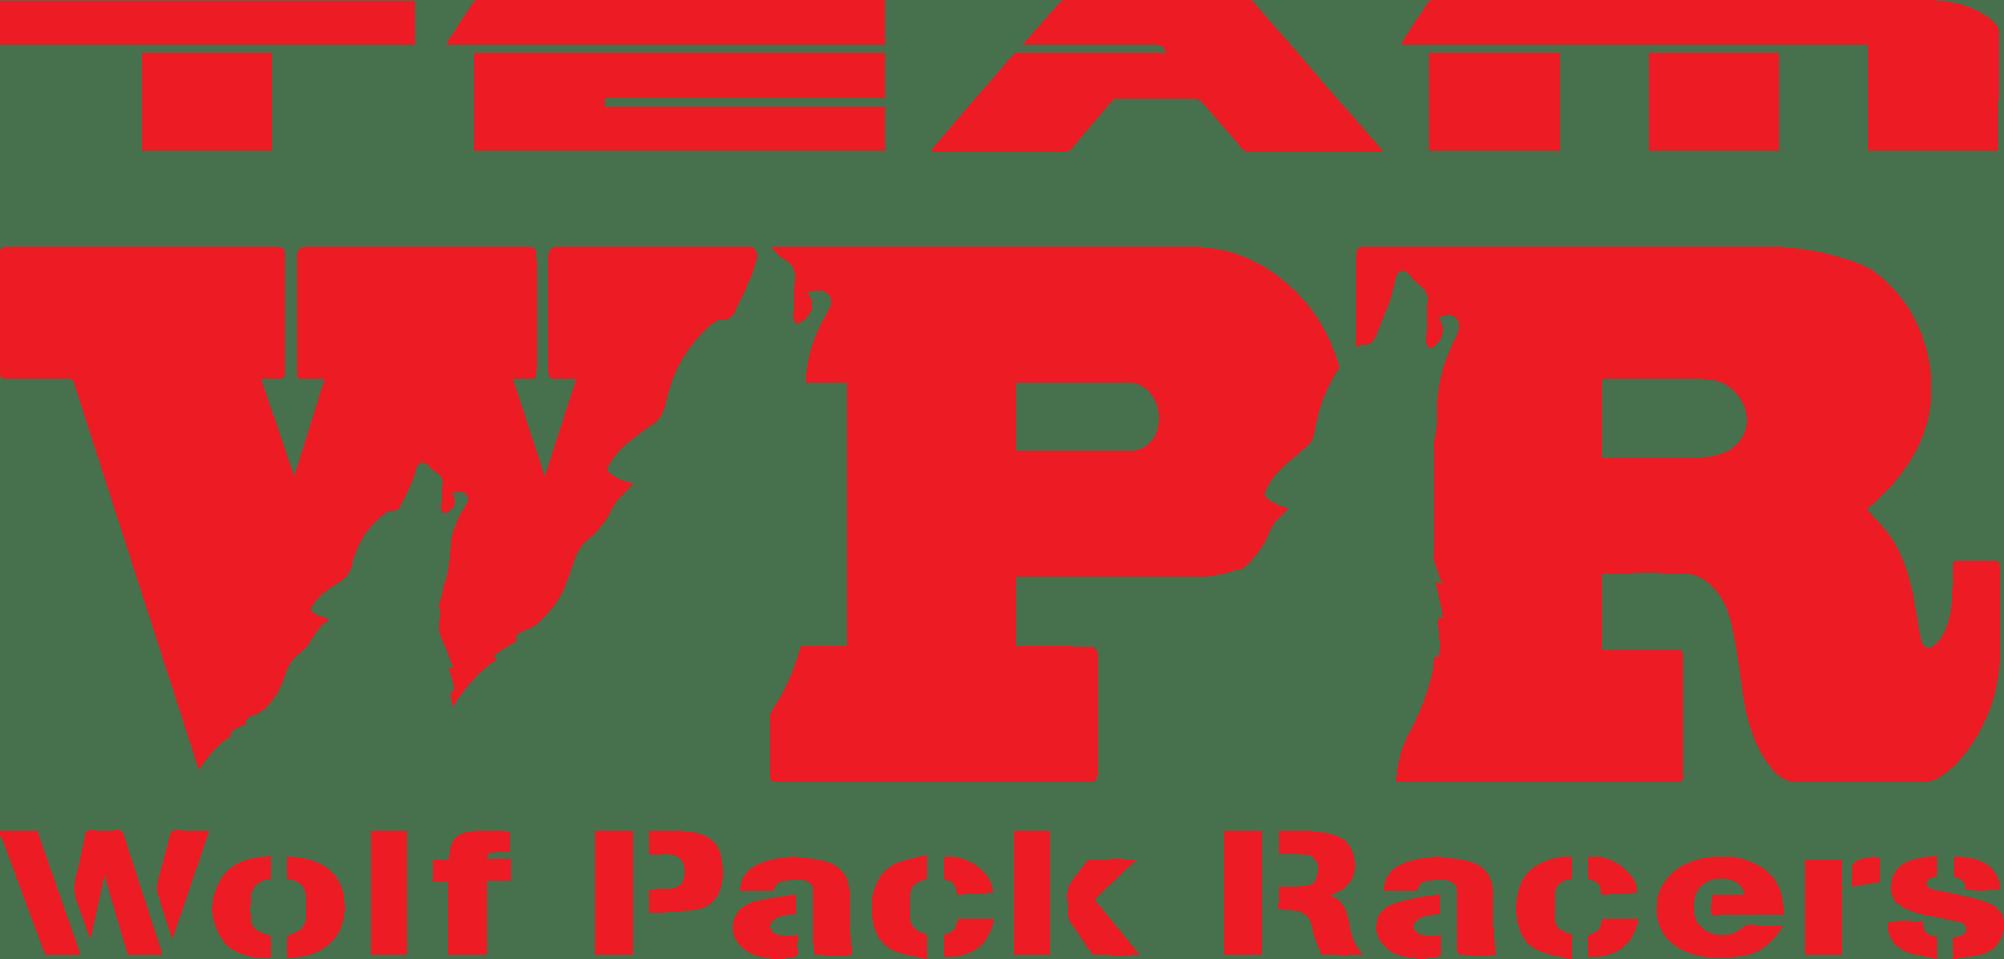 Team Wolfpack Racers